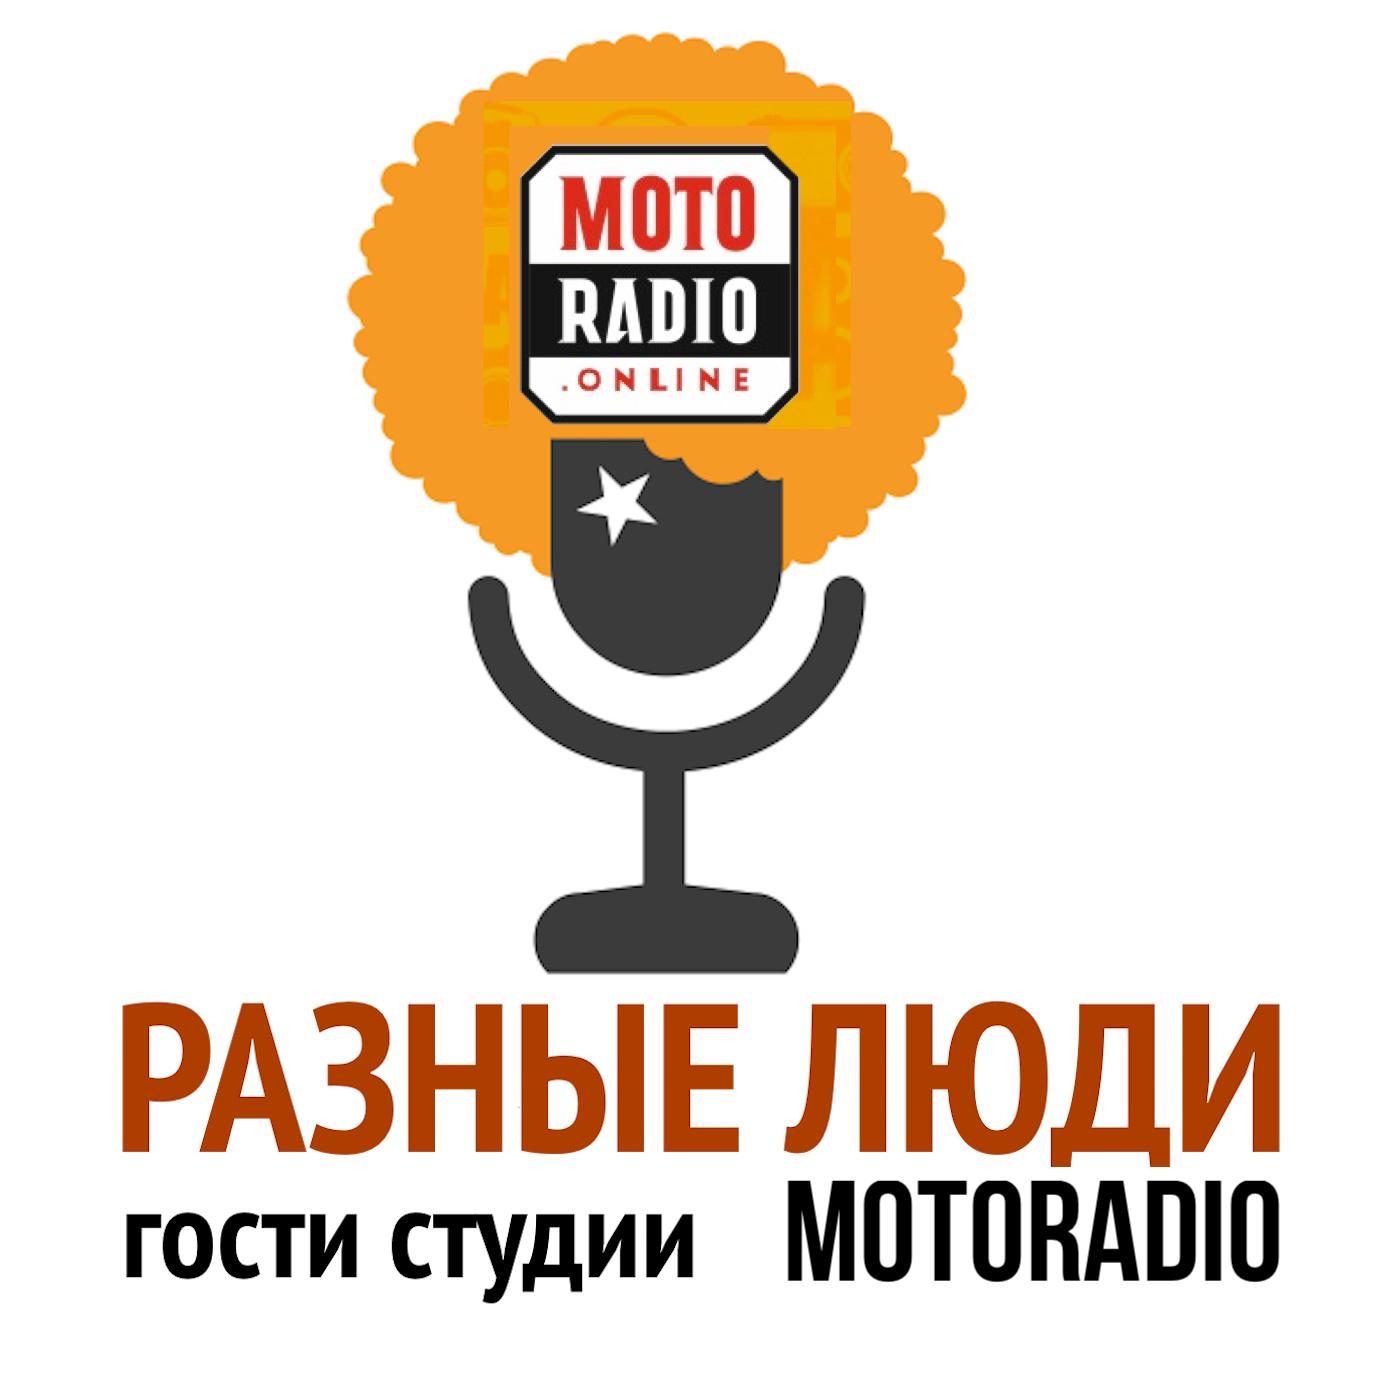 Моторадио Главный редактор Фонтанки RU, Александр Горшков о ситуации в Киеве